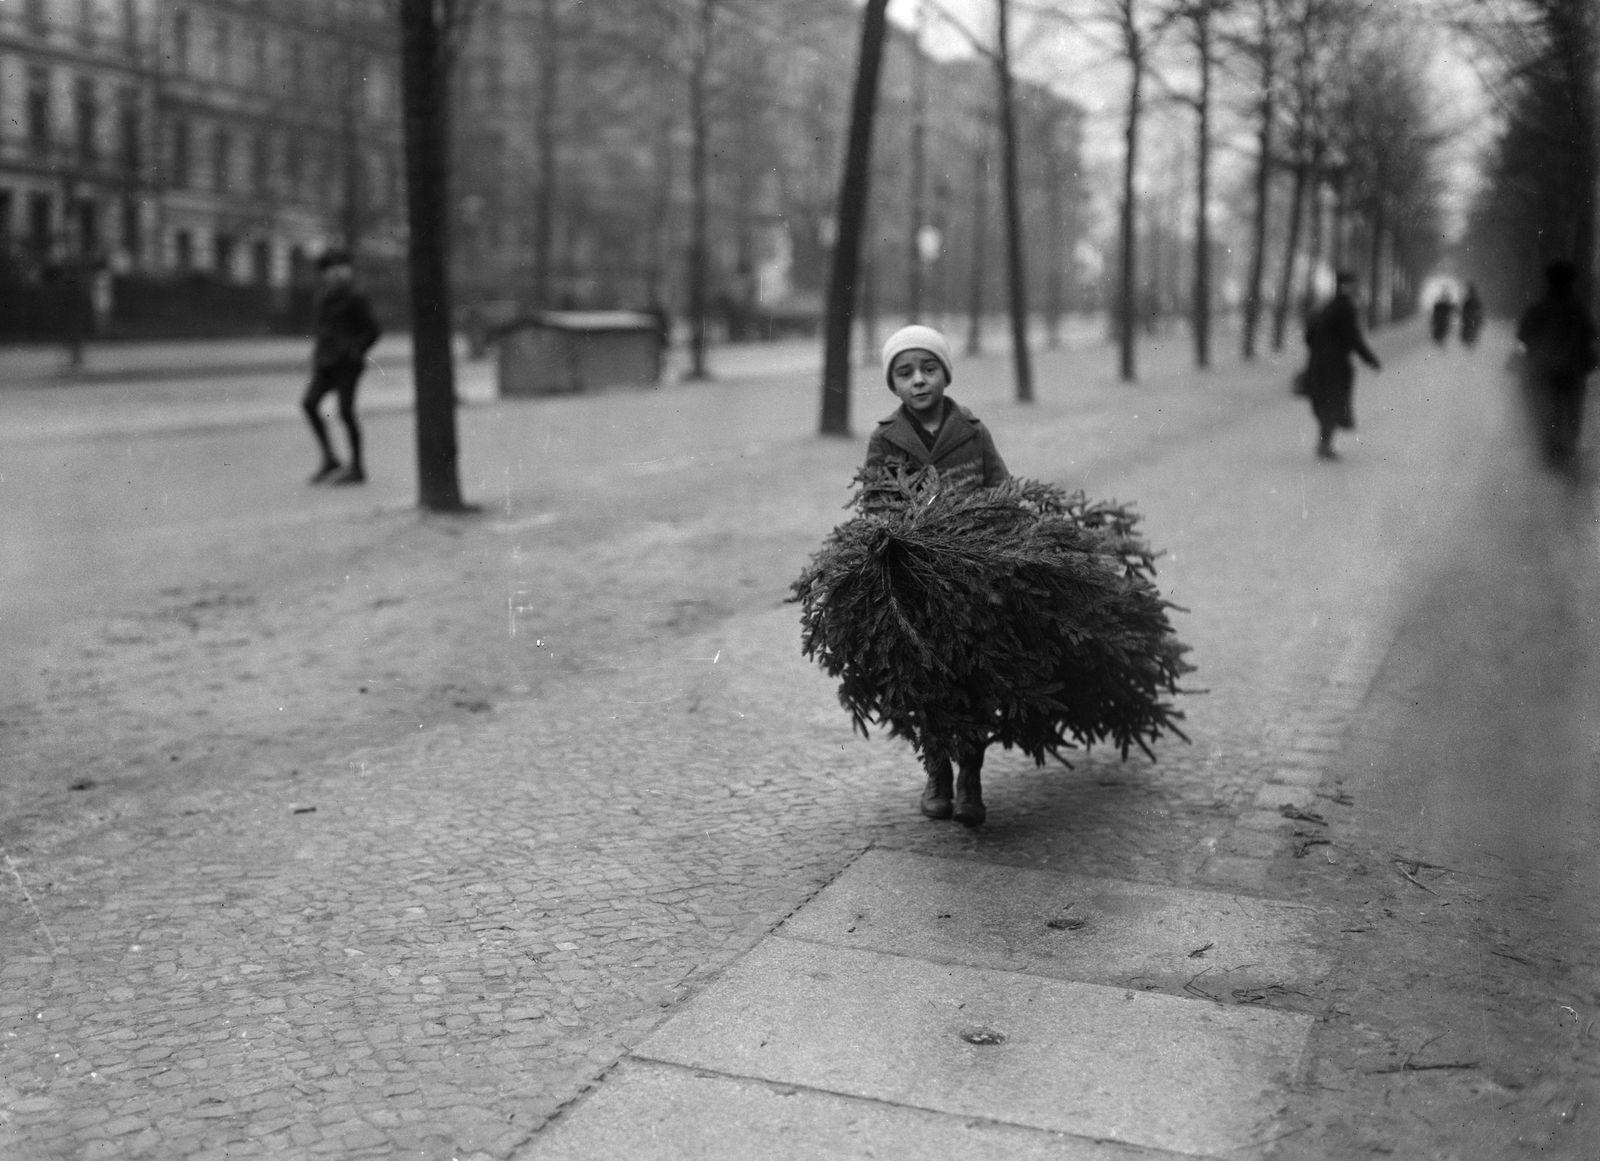 """""""Ein Kind trägt den Tannenbaum nach Hause."""" (Berlin, 1920) (c) bpk / Kunstbibliothek, SMB, Photothek Willy Römer / Willy Römer"""